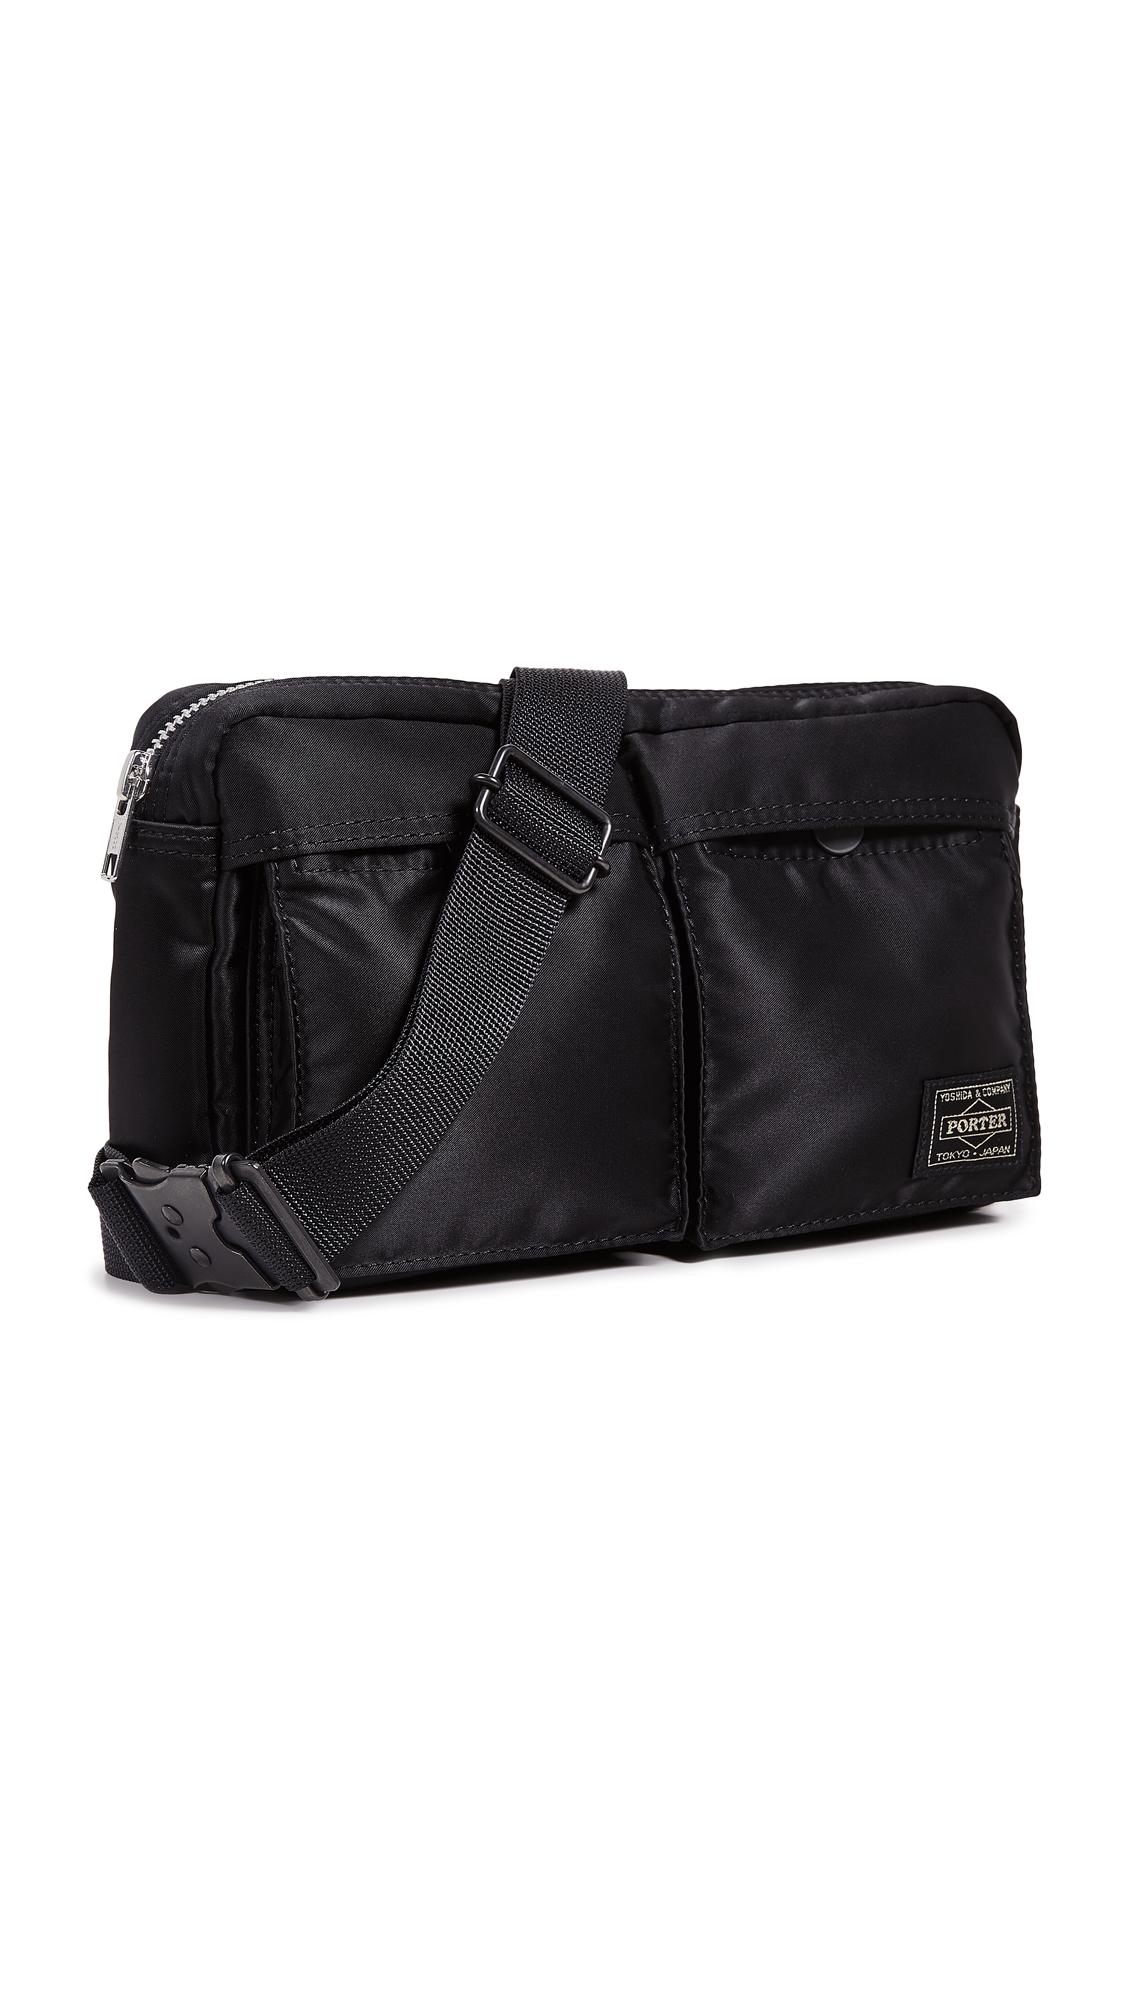 PORTER Tanker Waist Bag S in Black